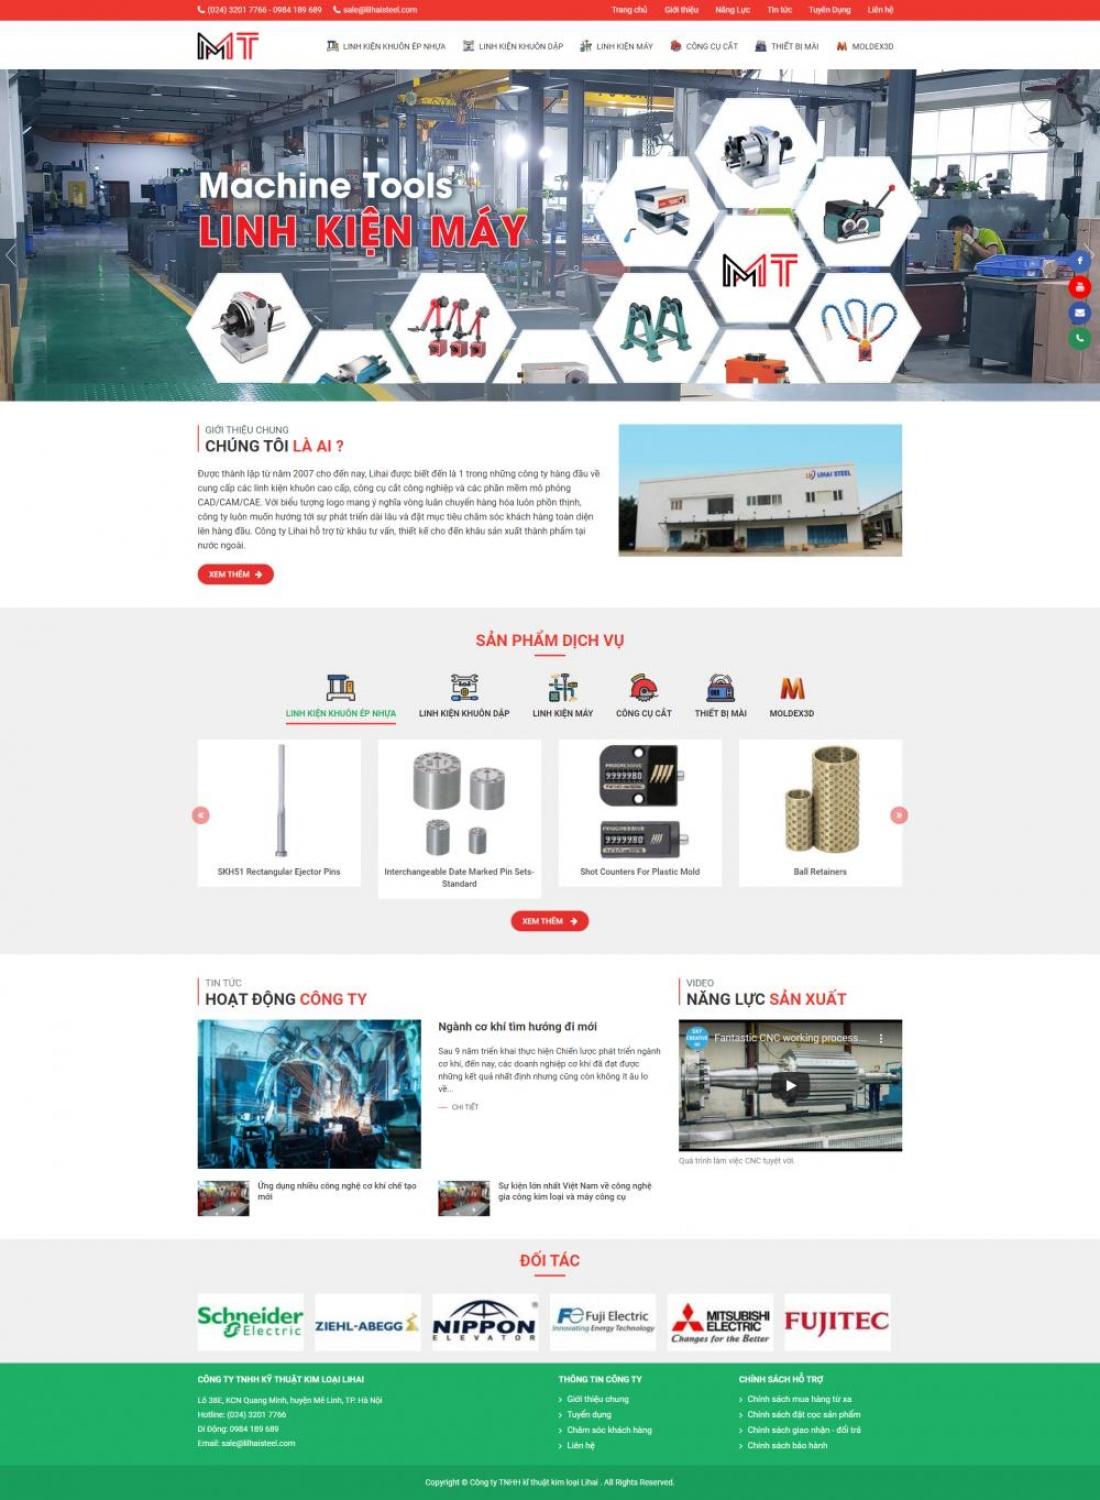 minhthuan.com.vn